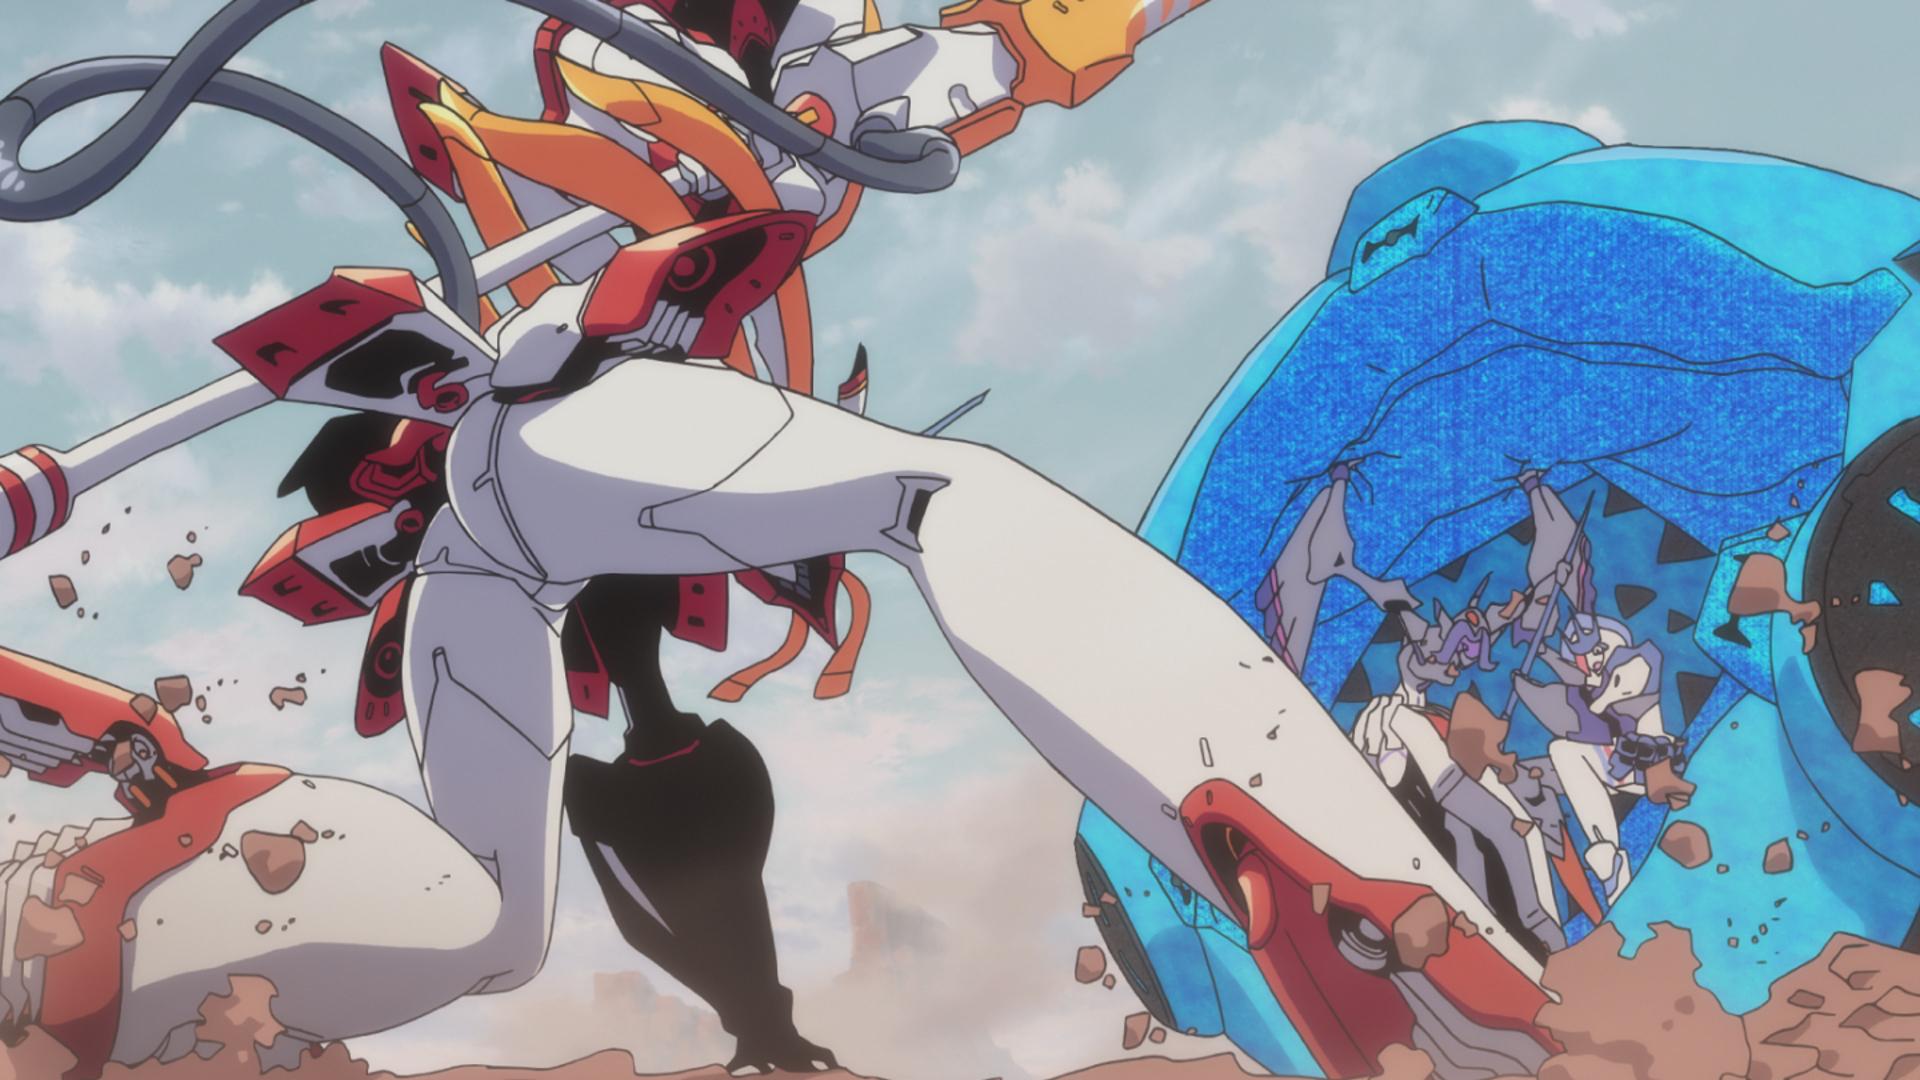 ダリフラ Tvアニメ第4話 Playback アニメイトタイムズ